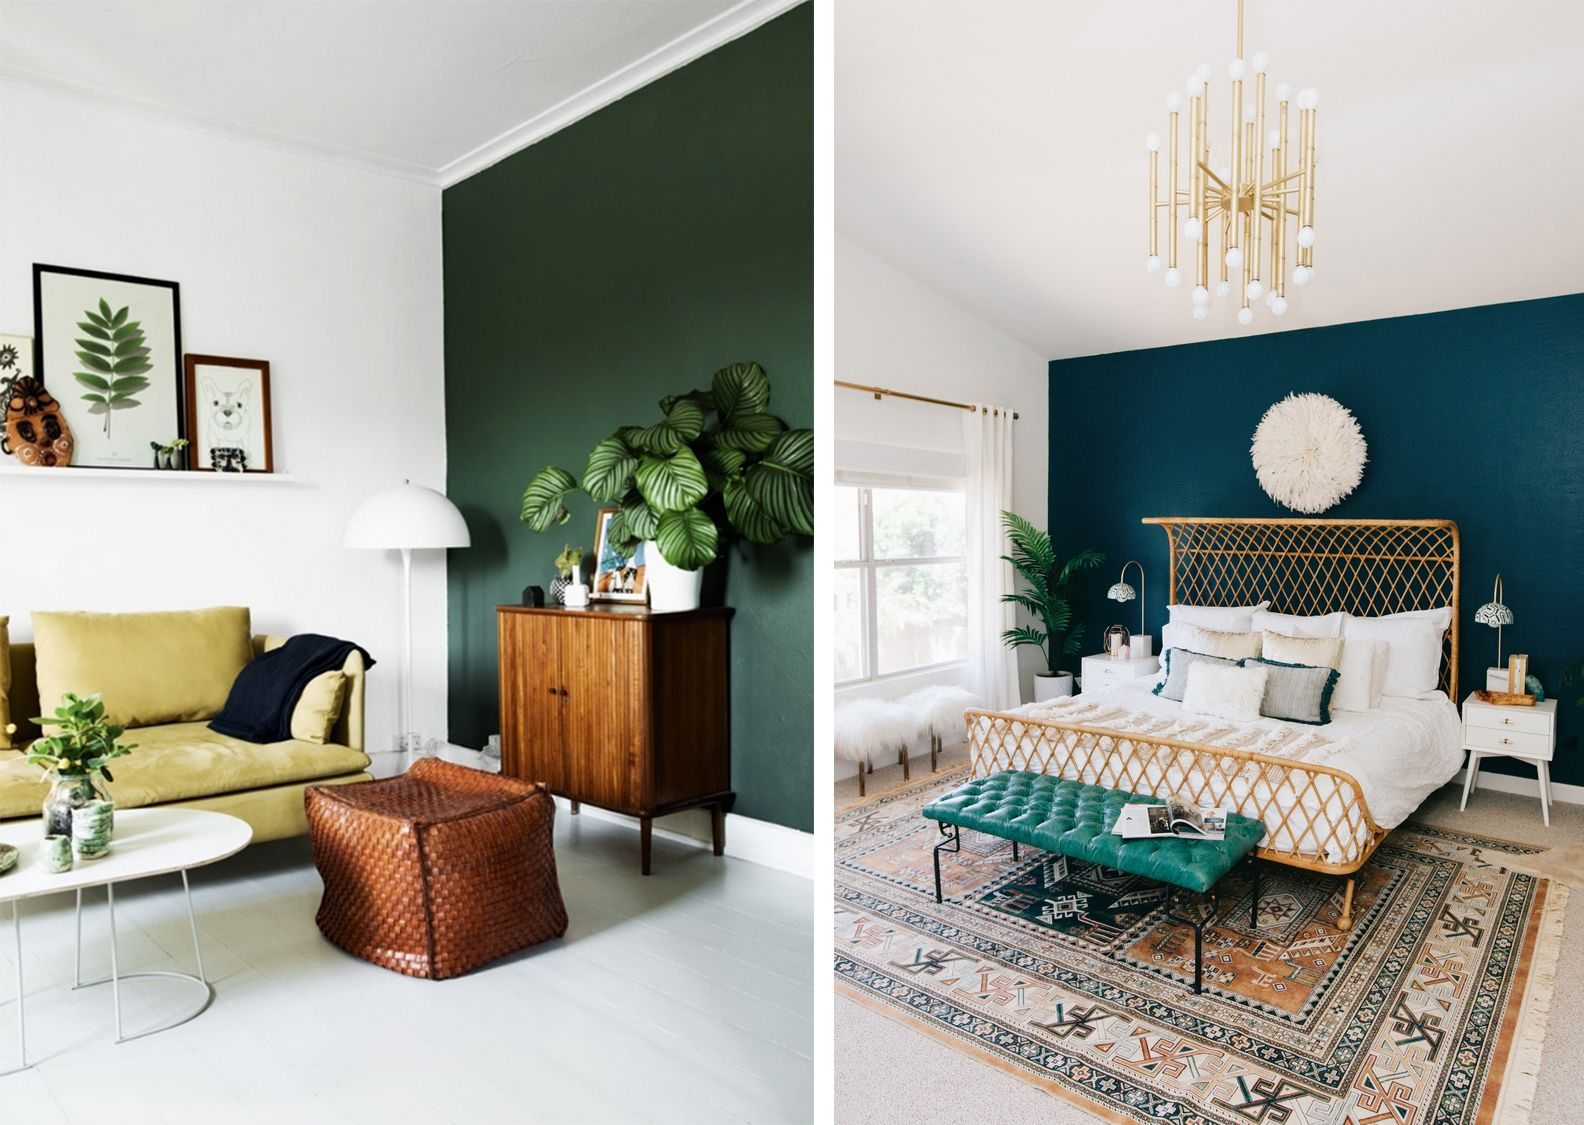 Pareti Colorate Idee E Ispirazioni Colori pareti, Idee